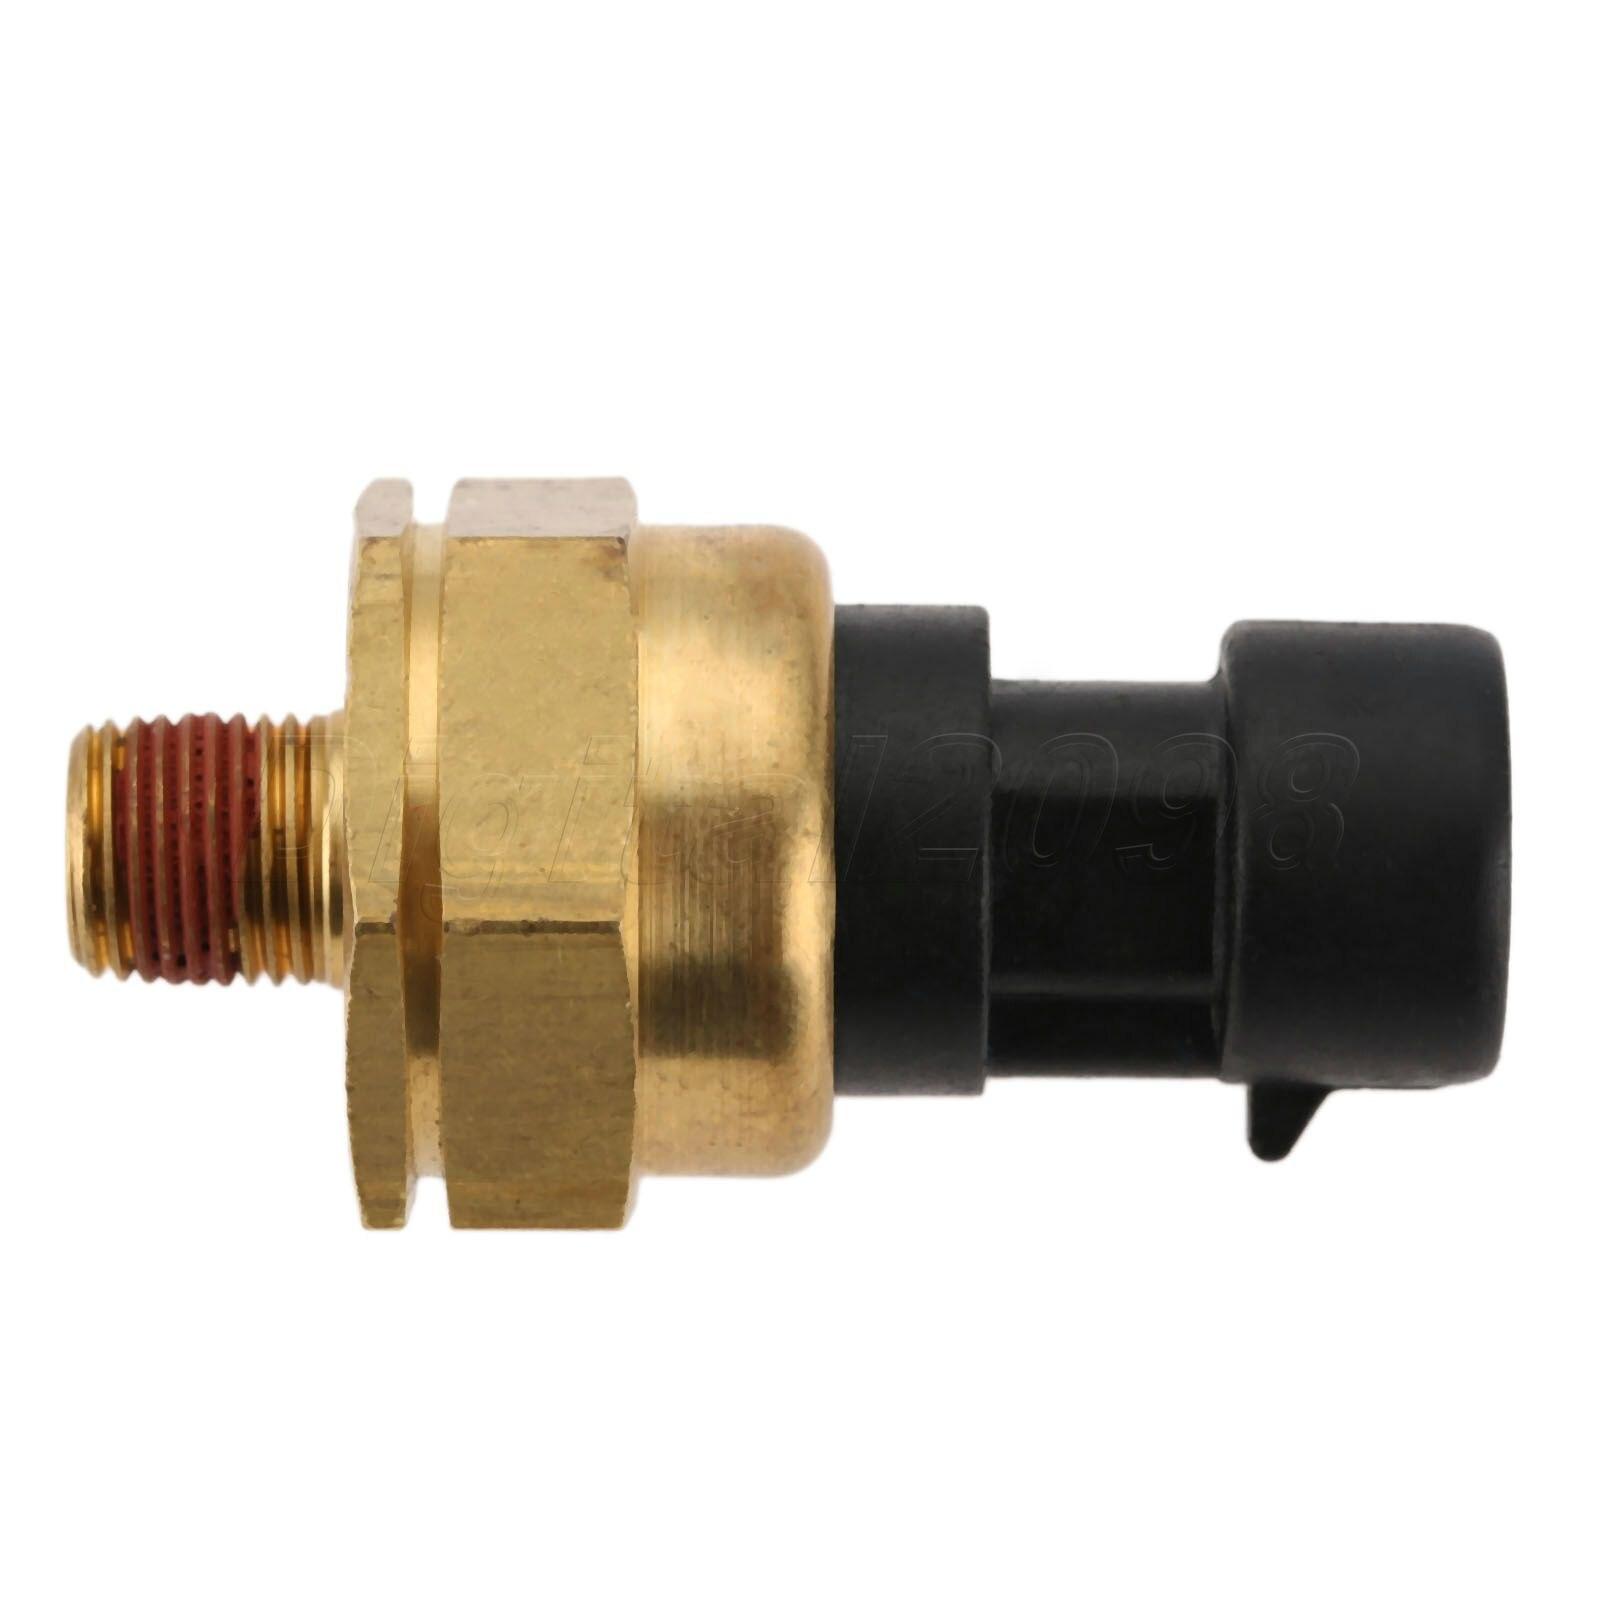 OEM Mercruiser Water Pressure Sender Sensor 881879010 881879 3 # 8M6000623